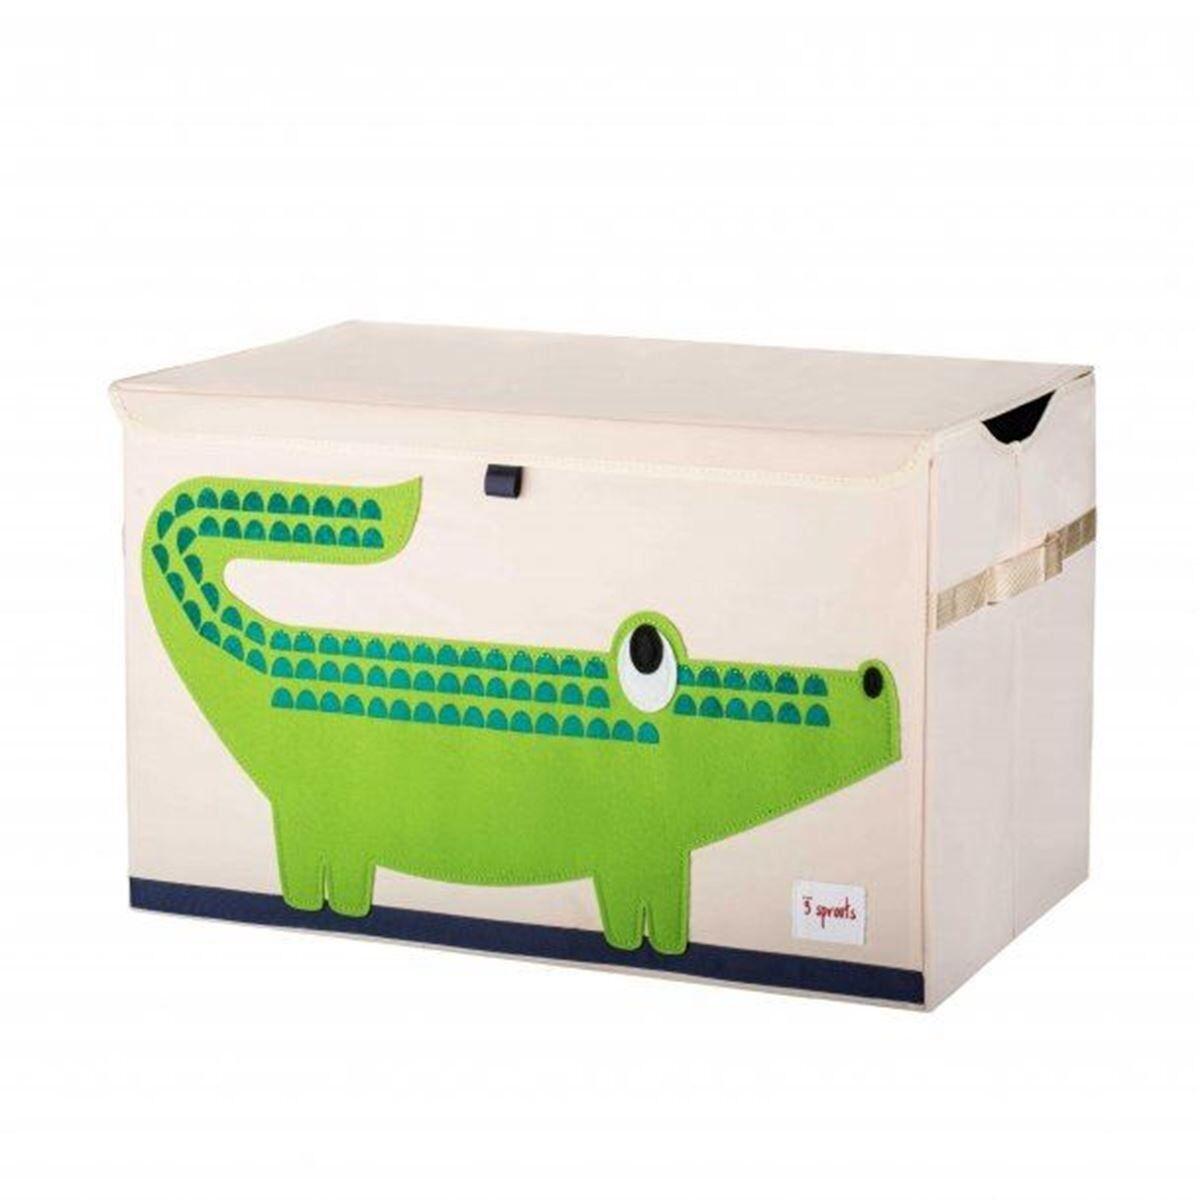 3 Sprouts Lekekiste, Crocodile